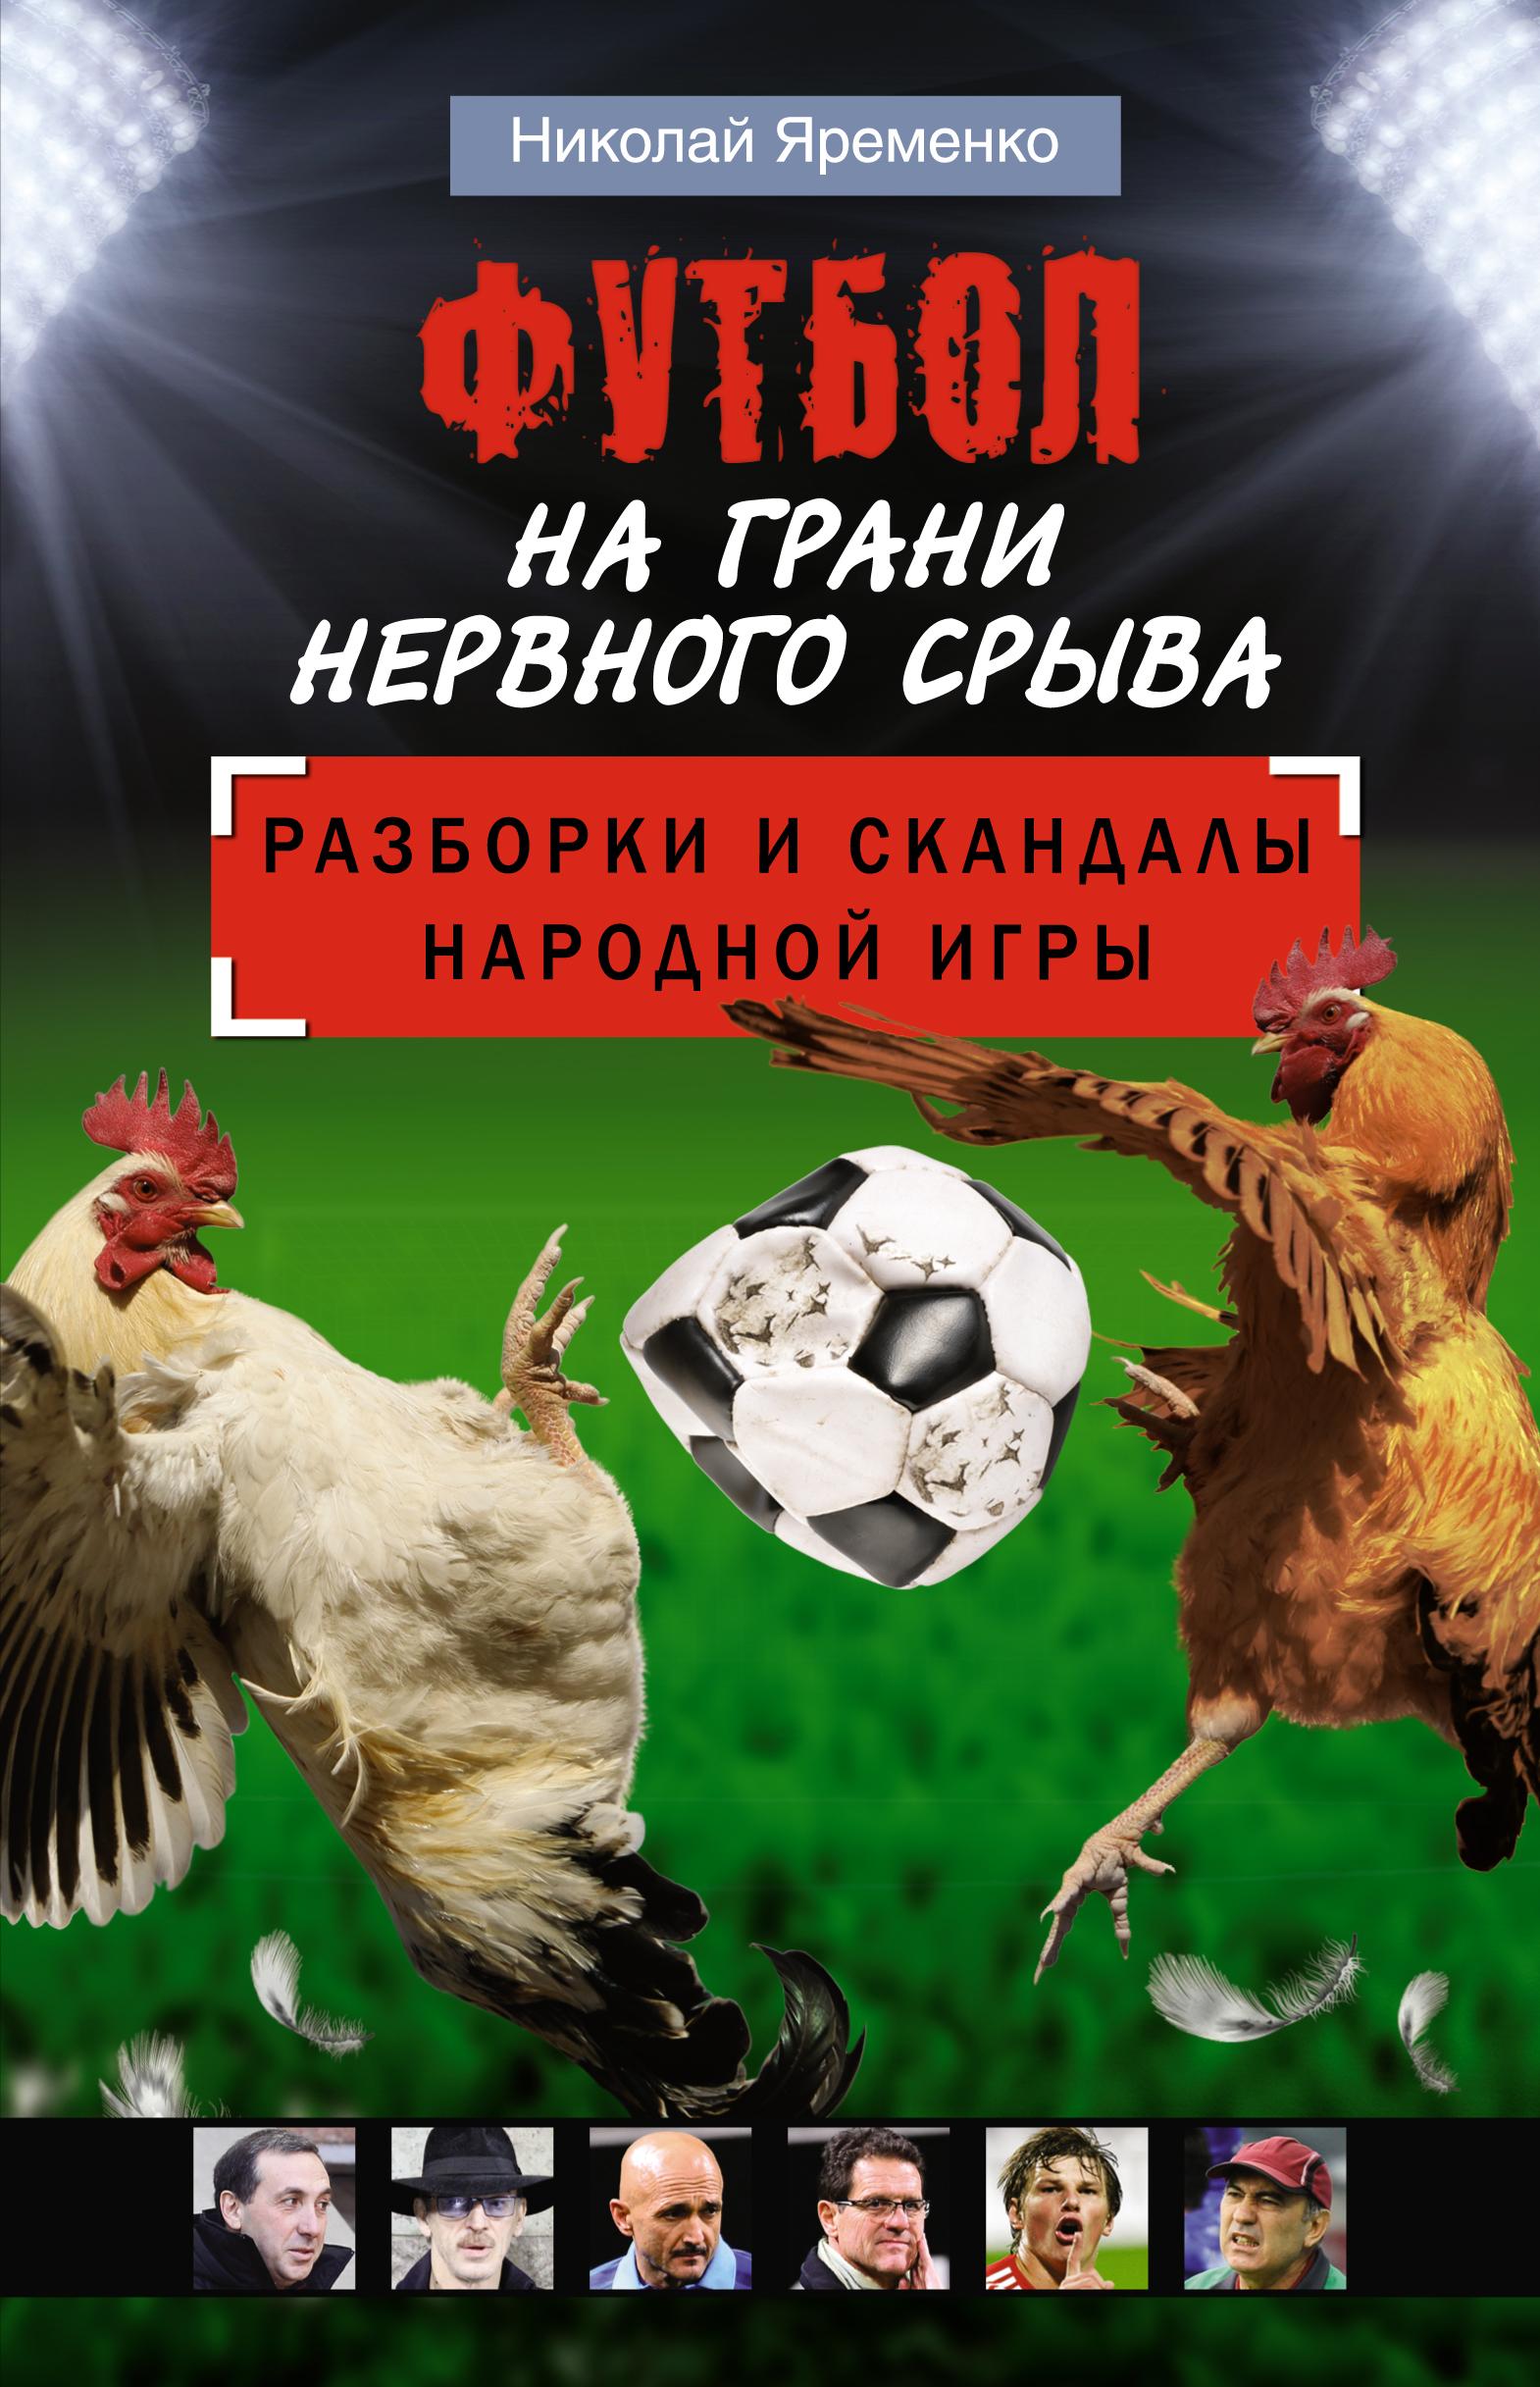 купить Н Яременко Футбол на грани нервного срыва по цене 55 рублей